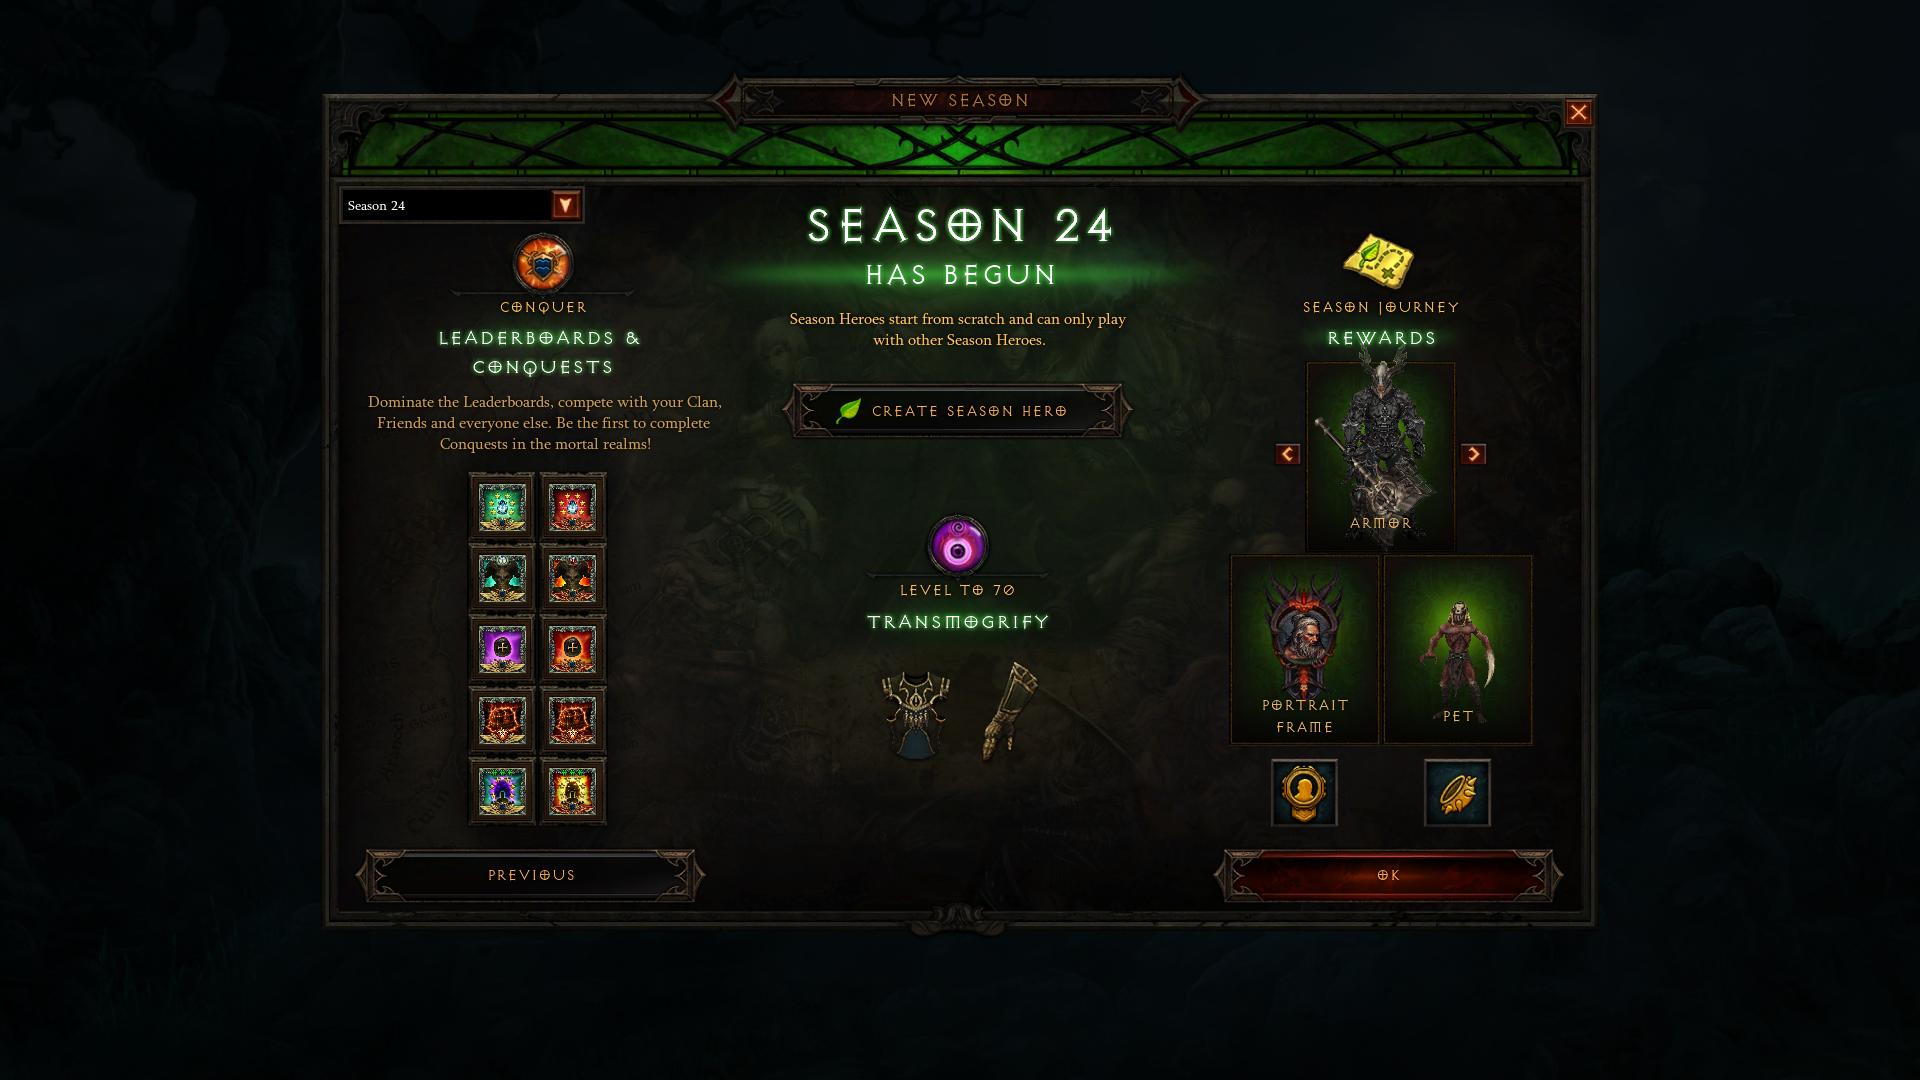 Diablo 3 stagione 24 Diablo 3 season 24 An00bis stagione 24 obiettivi